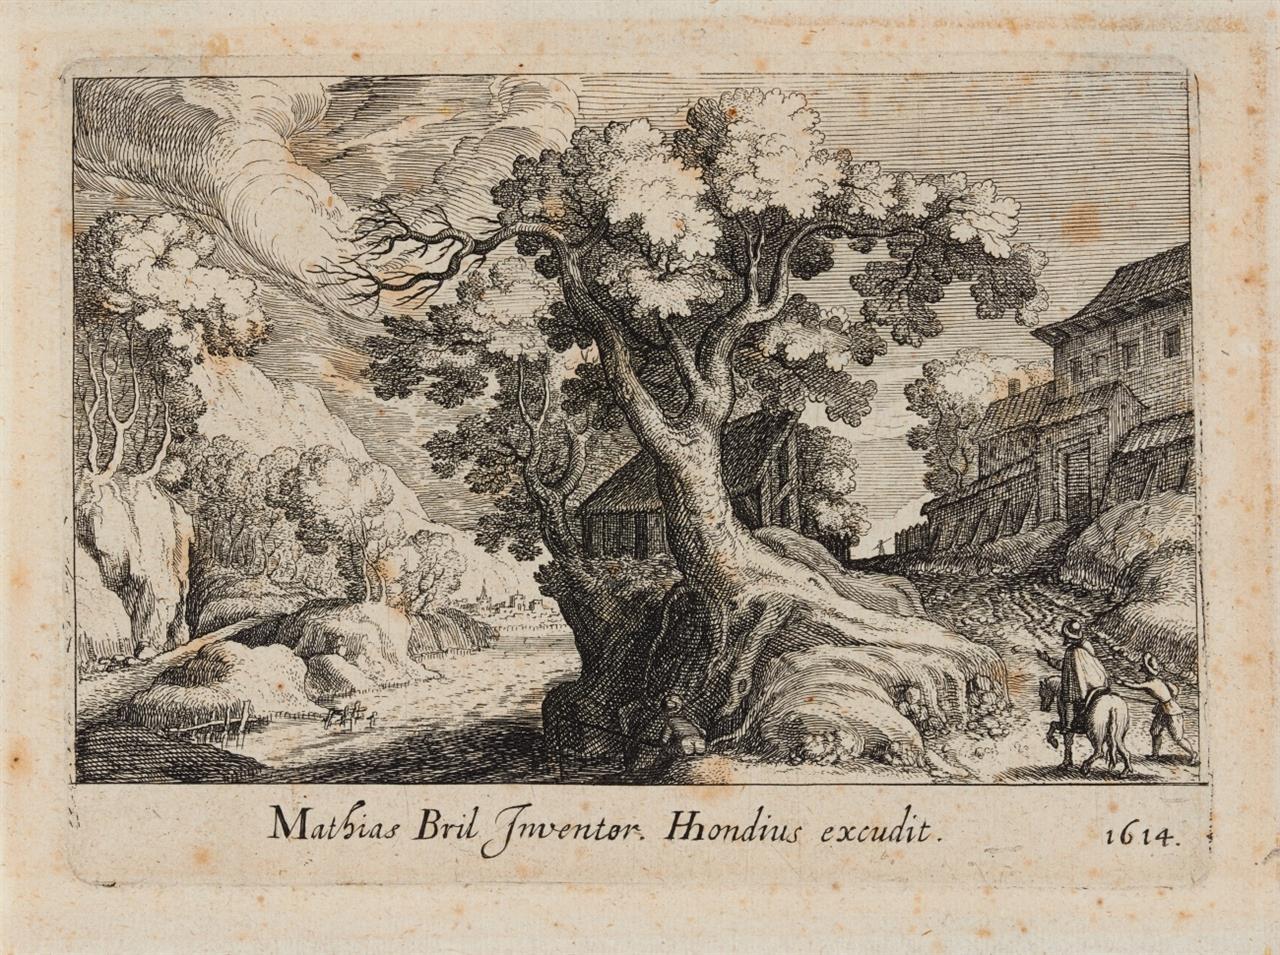 S. W. Frisius. Landschaften. 1614. 3 Blatt Kupferstiche nach Matthias Bril, aus Topographia Variarum Regionum. New Hollstein 131, 137 bzw. 142.